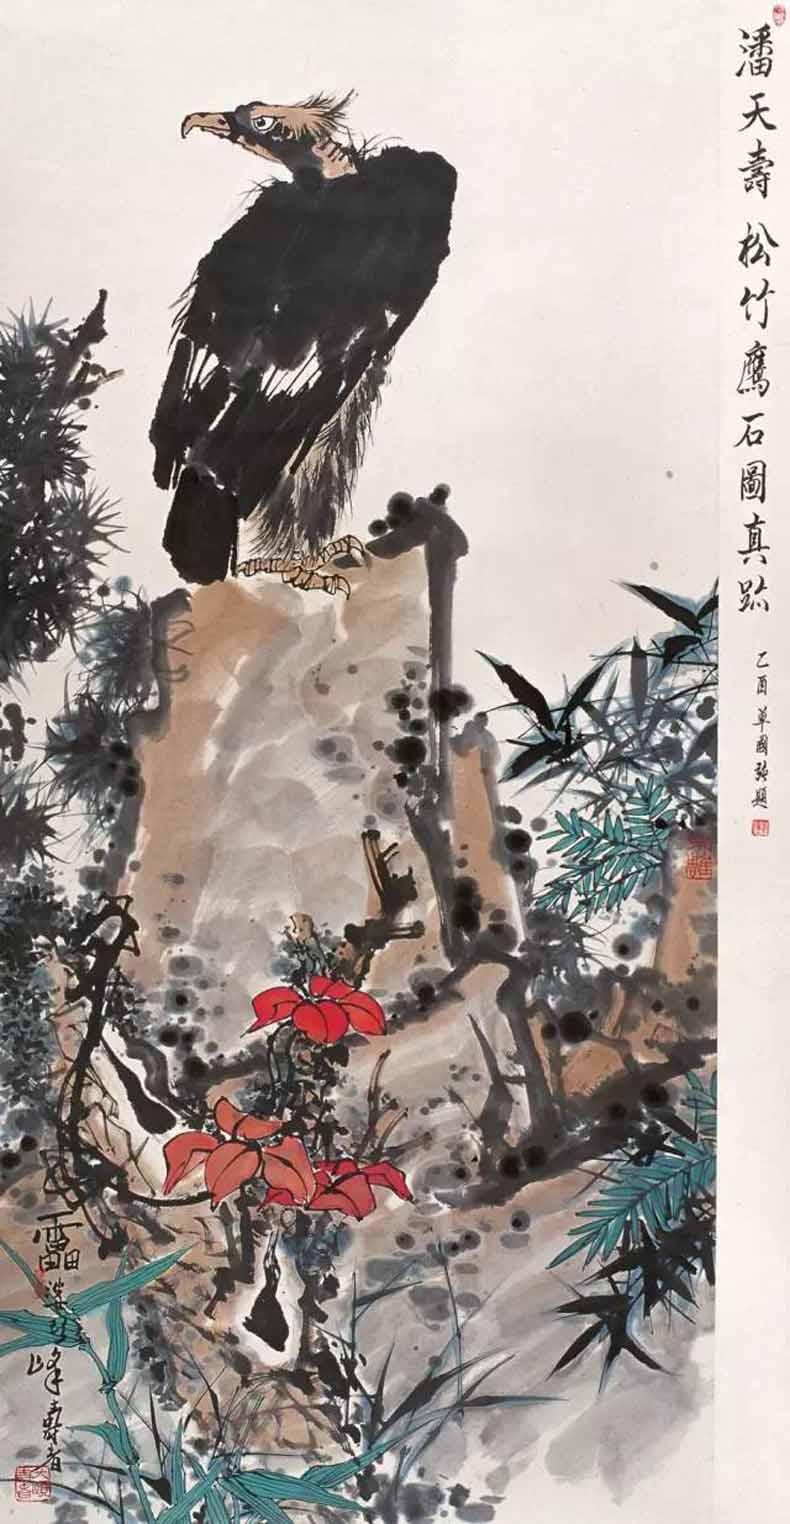 潘天寿 松竹鹰石图